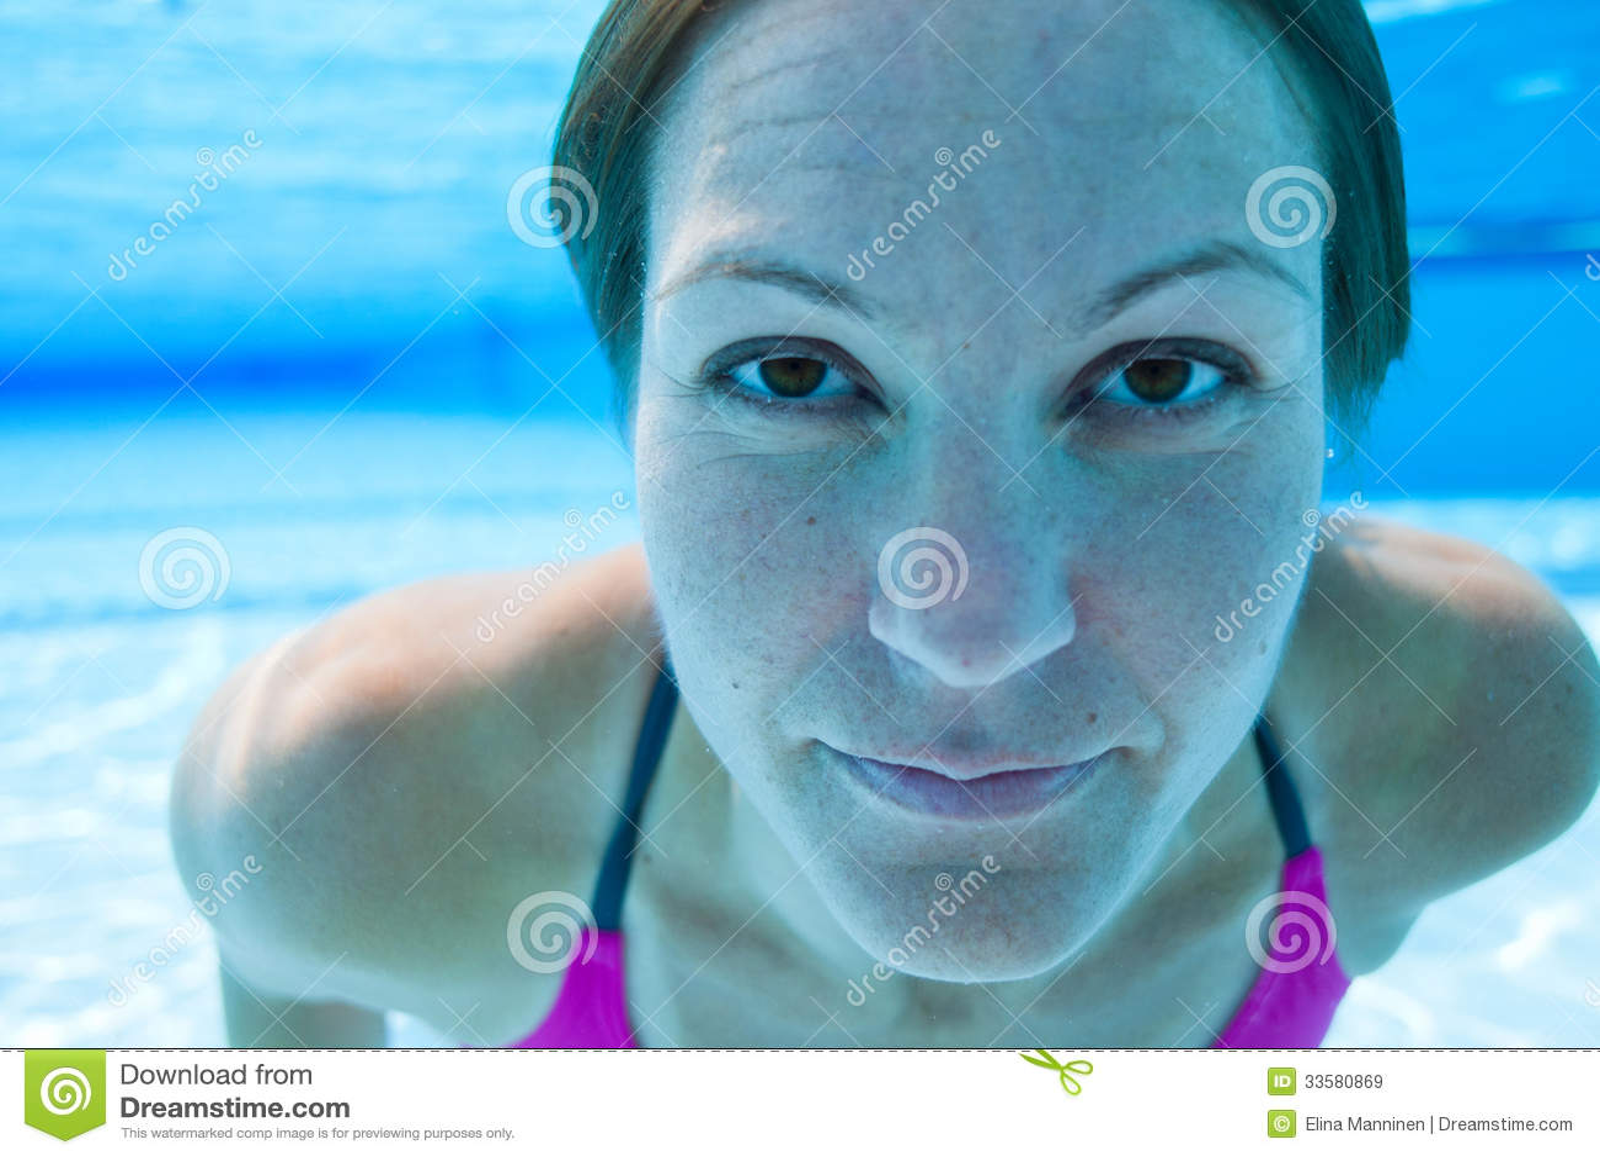 Underwater looking up pool underwater in pool